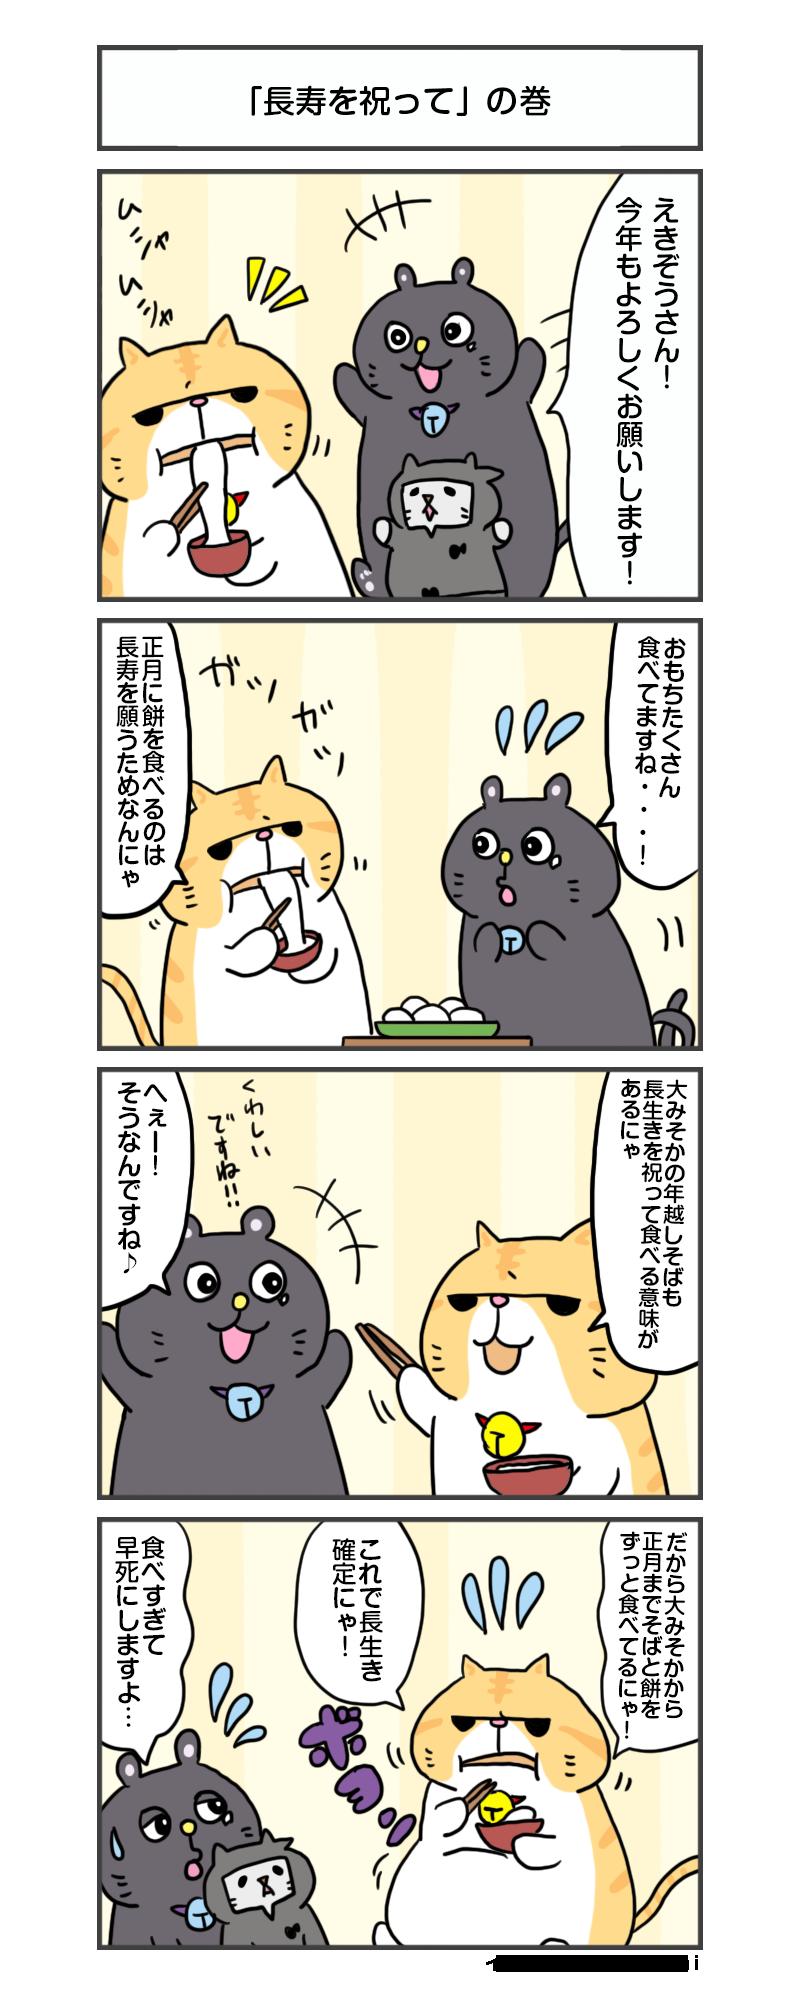 えきぞうmanga_vol.179